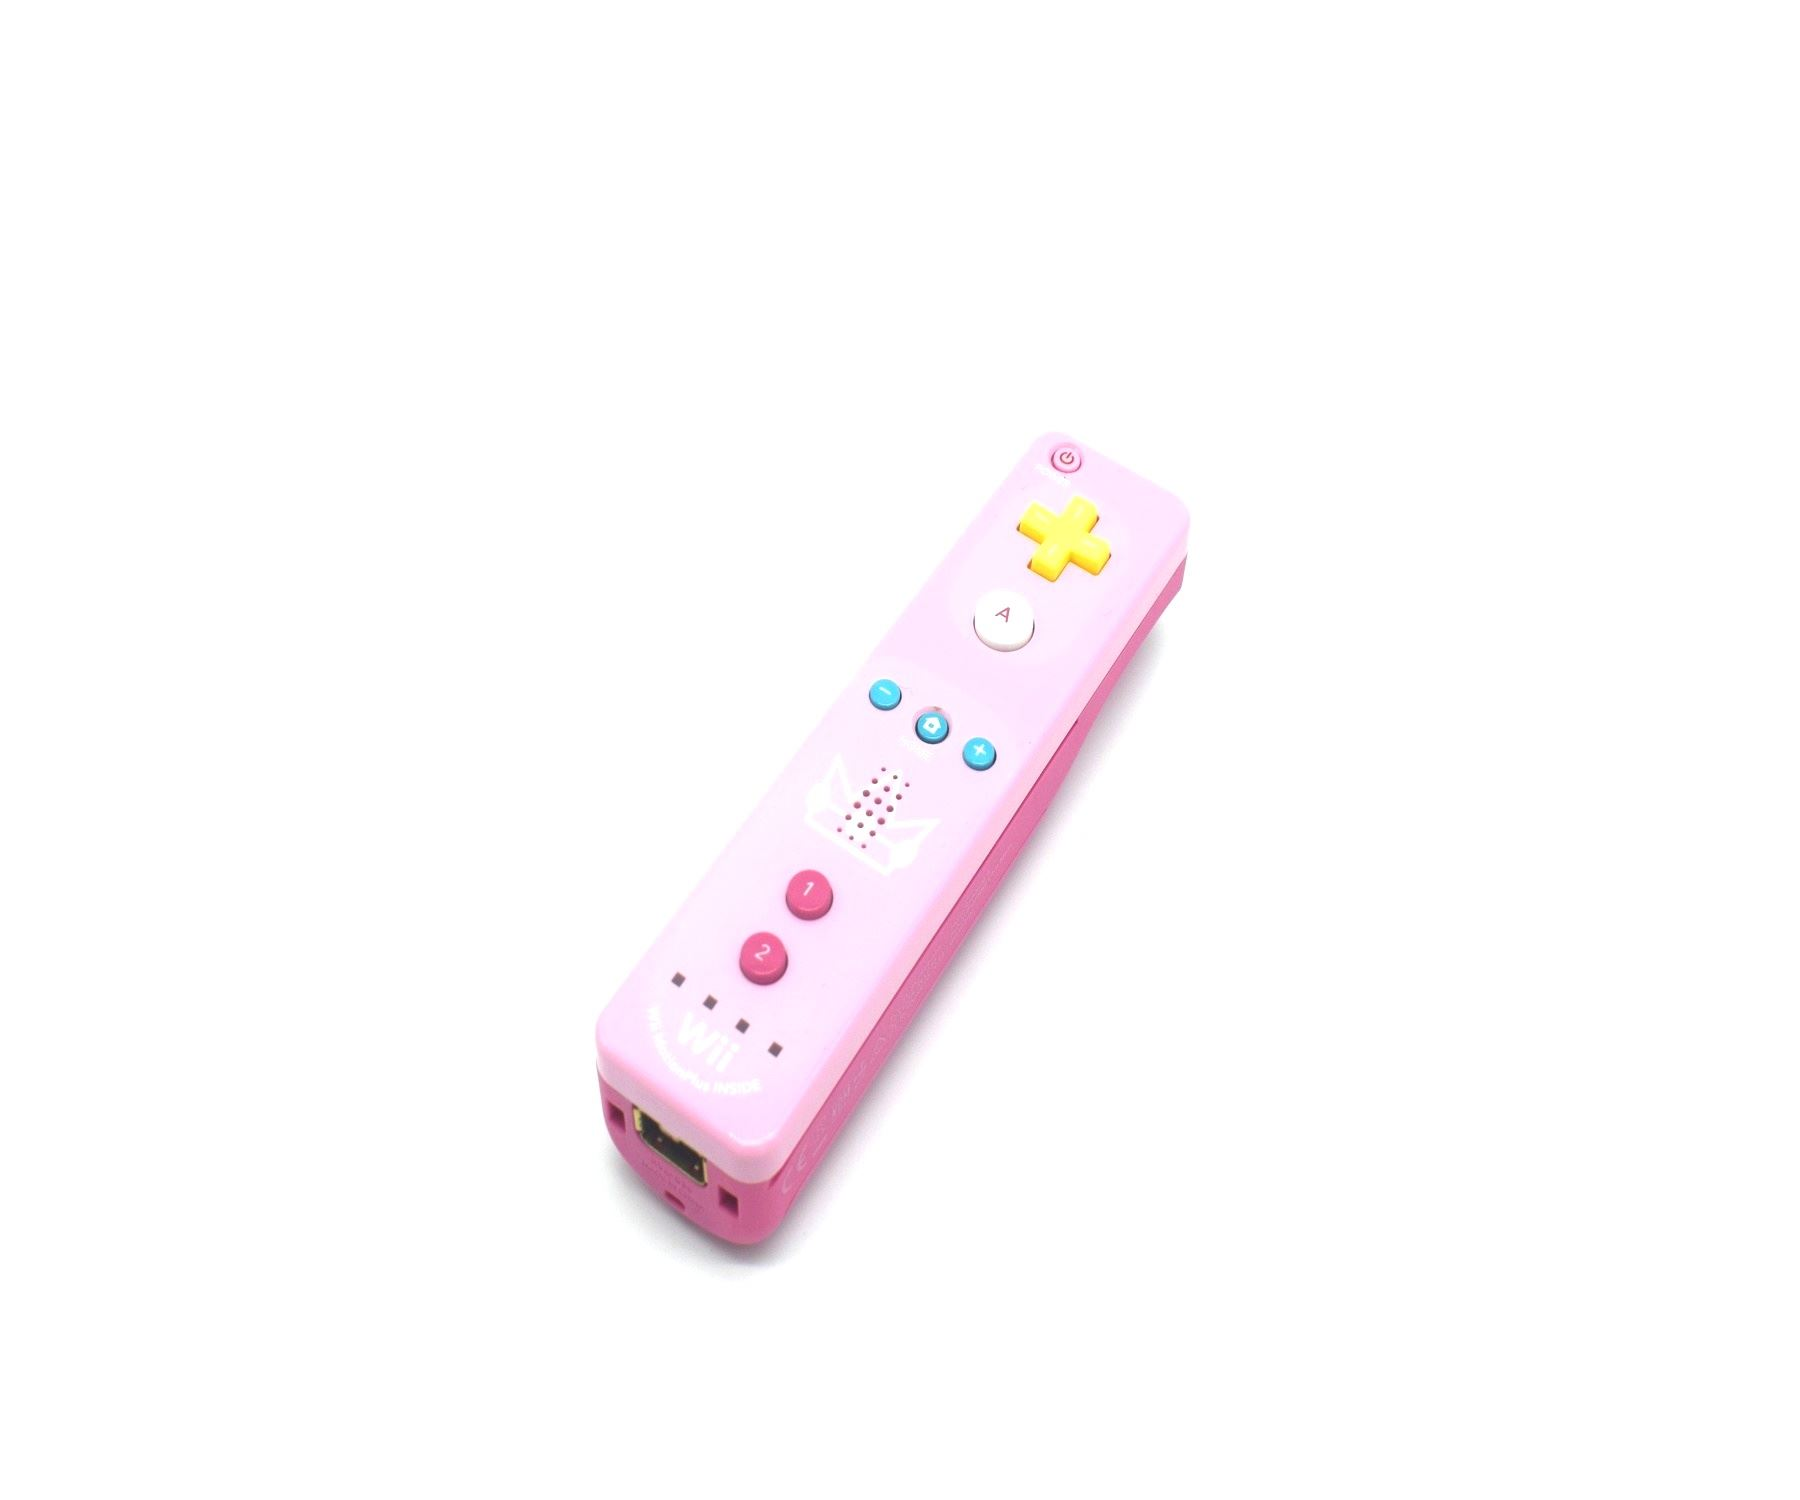 Official-Nintendo-Wii-amp-Remote-U-Plus-Genuine-Original-Controller miniatuur 16